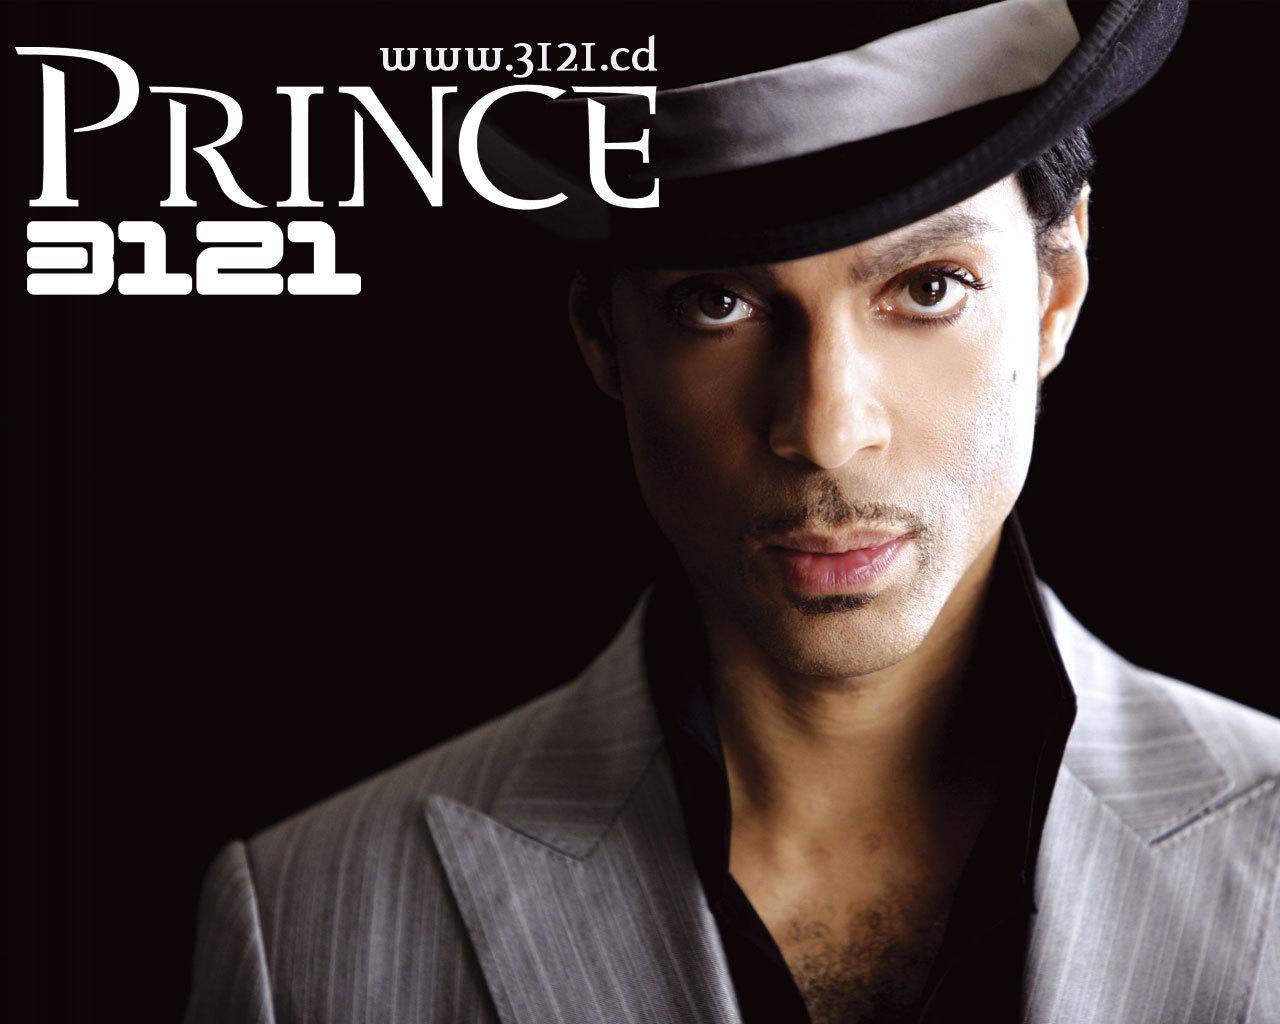 3121 prince wallpaper 16364666 fanpop - Prince wallpaper ...